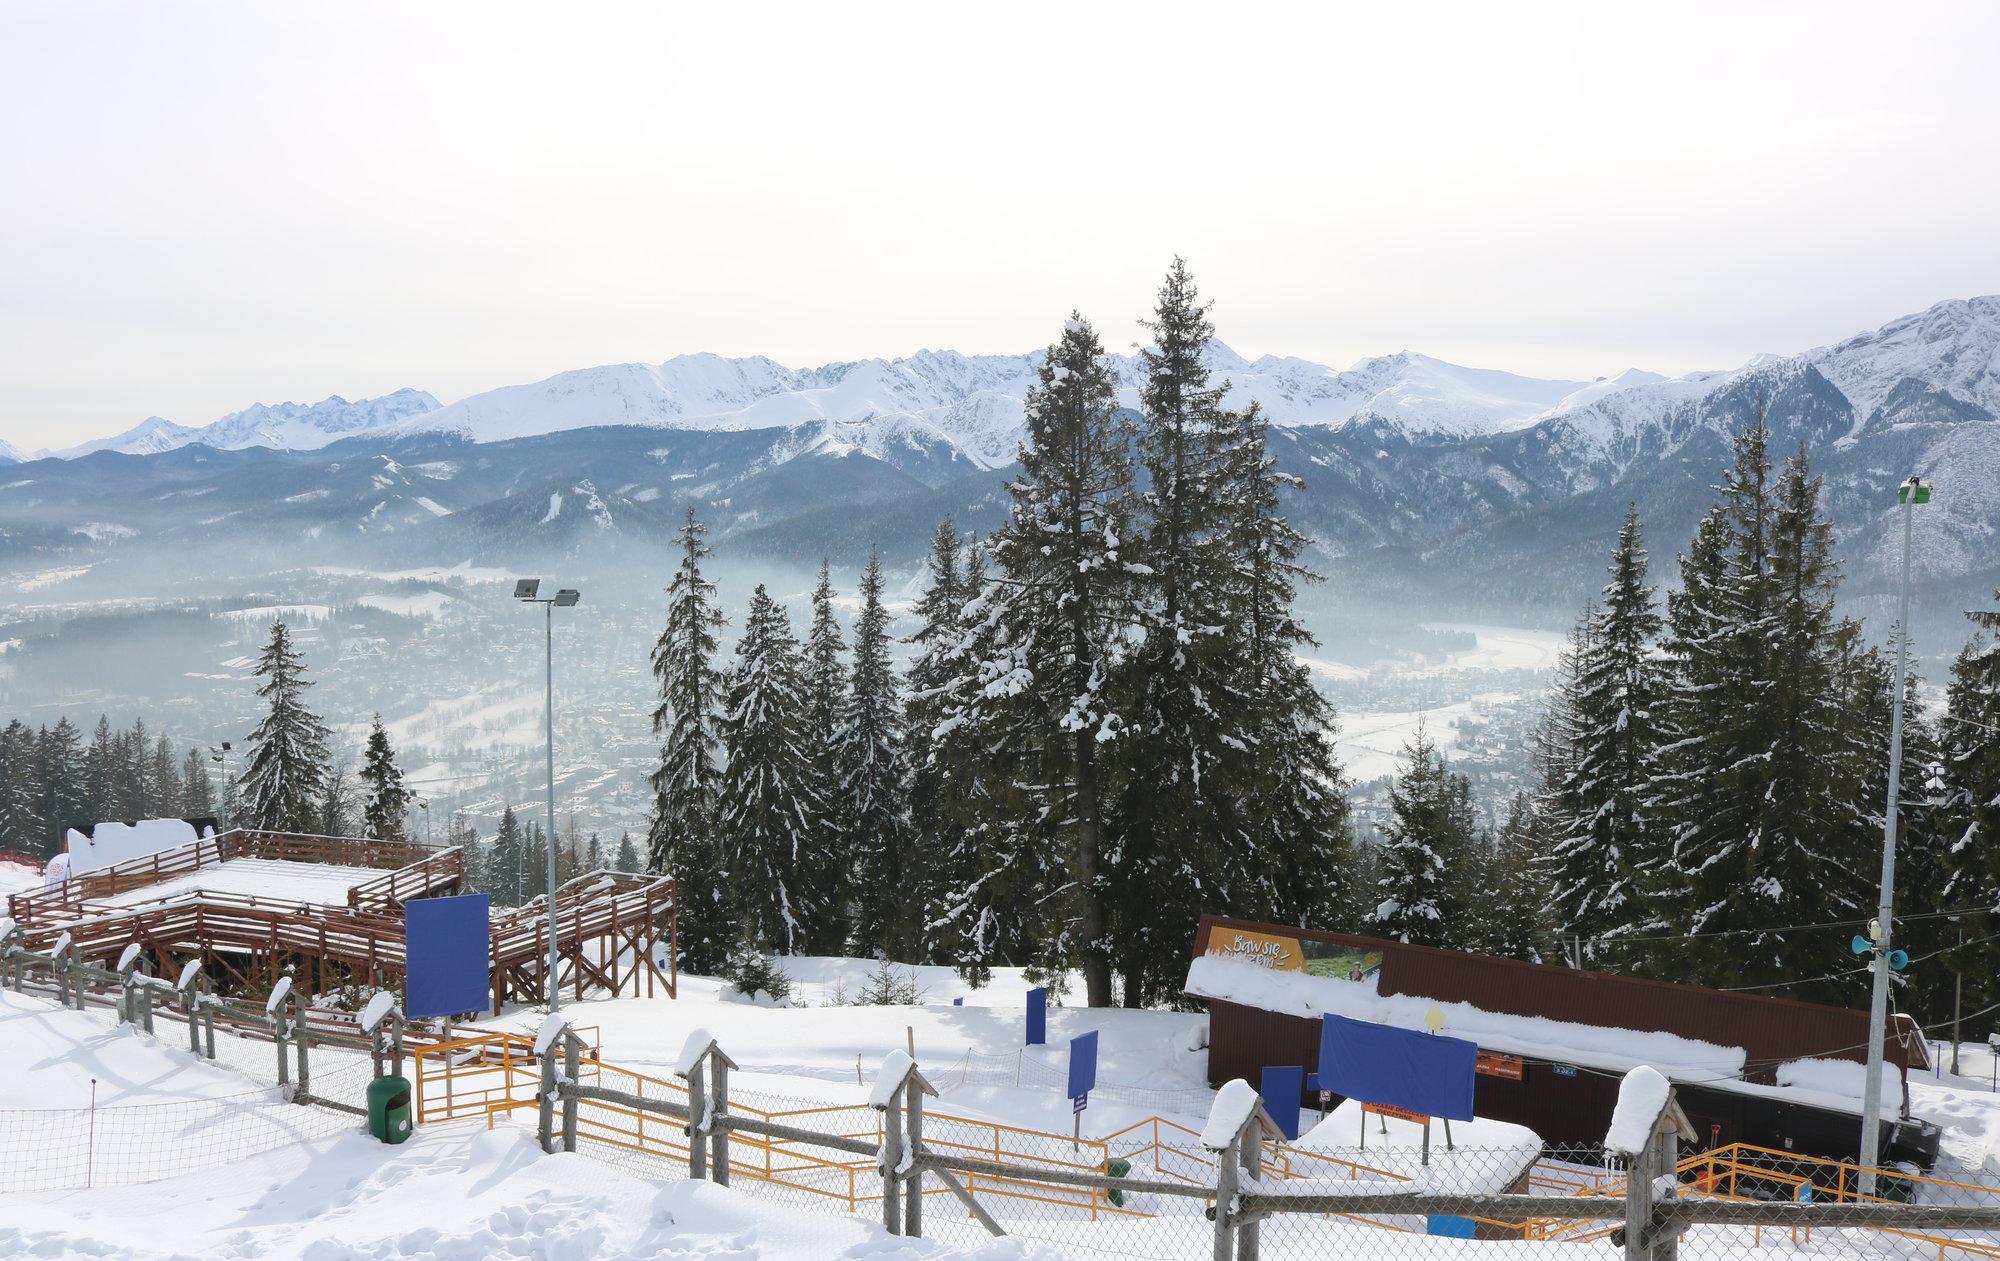 výhľad na zjazdovku, časť mesta Zakopané a priľahlé hory